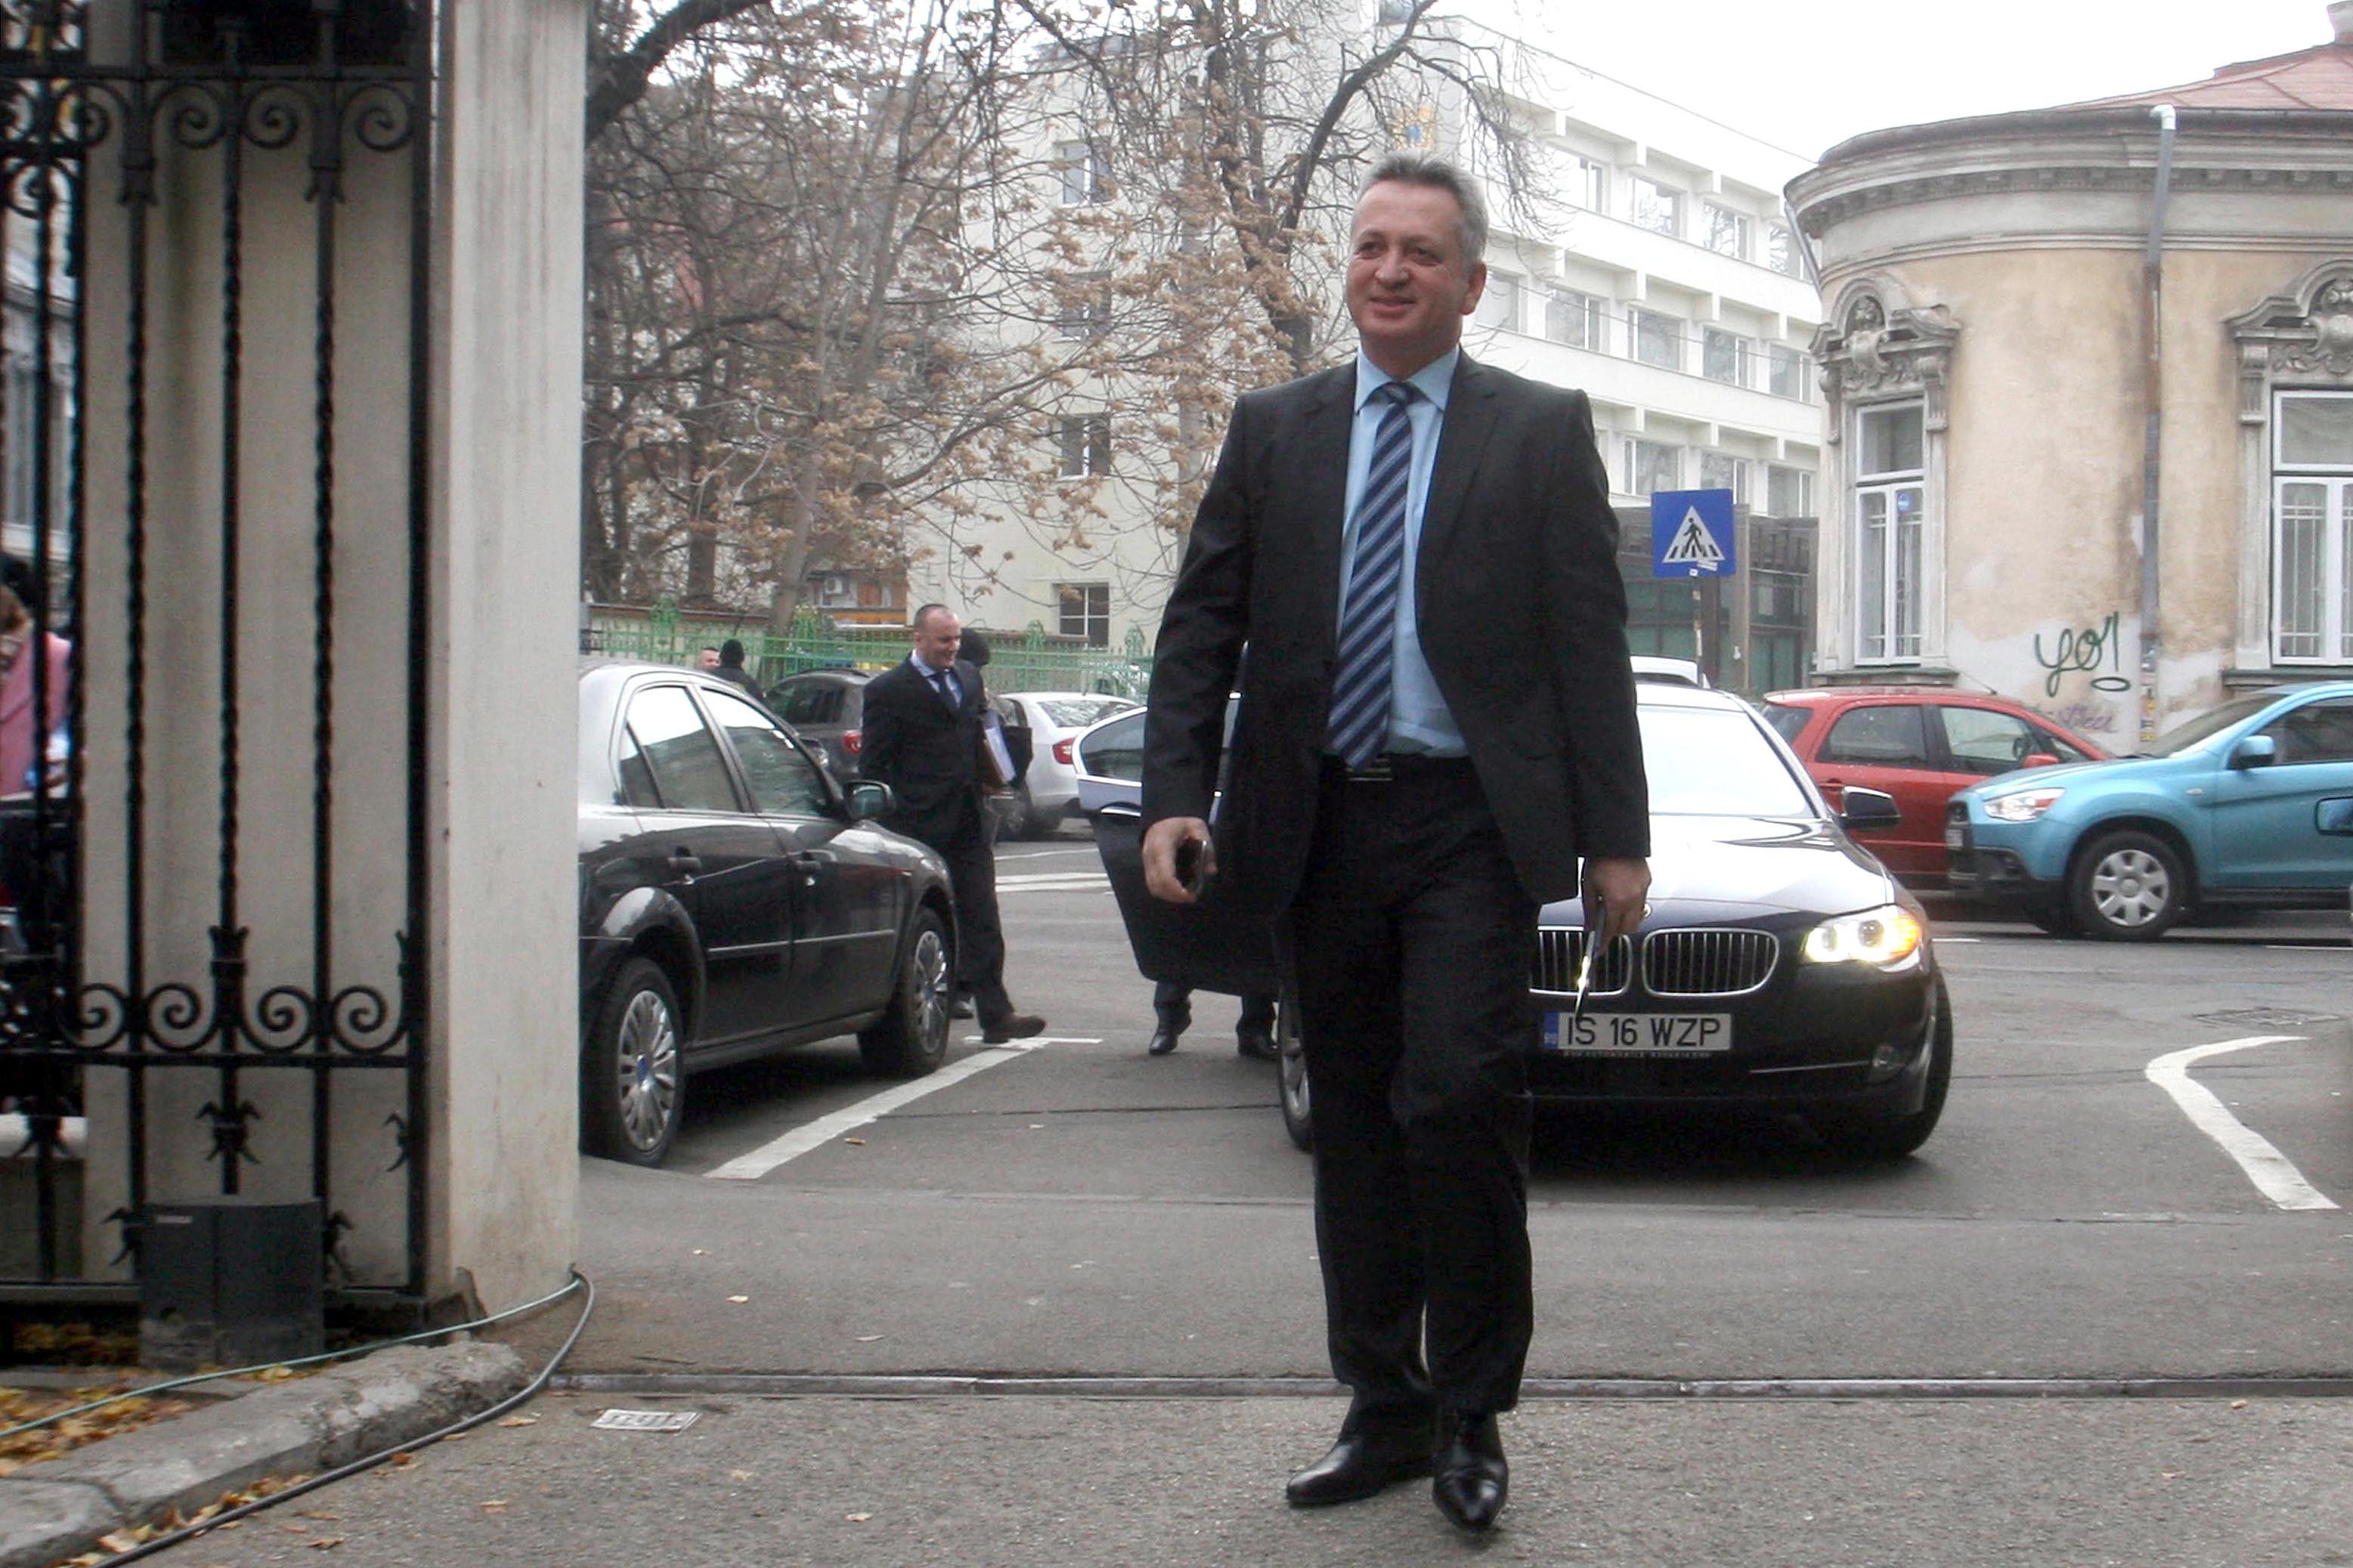 VIDEO   Relu Fenechiu, fost ministru, a susţinut la ieşirea din Penitenciarul Vaslui că judecătoarea care l-a condamnat i-ar fi cerut iertare. Ce spune despre afacerile cu statul şi revenirea în politică